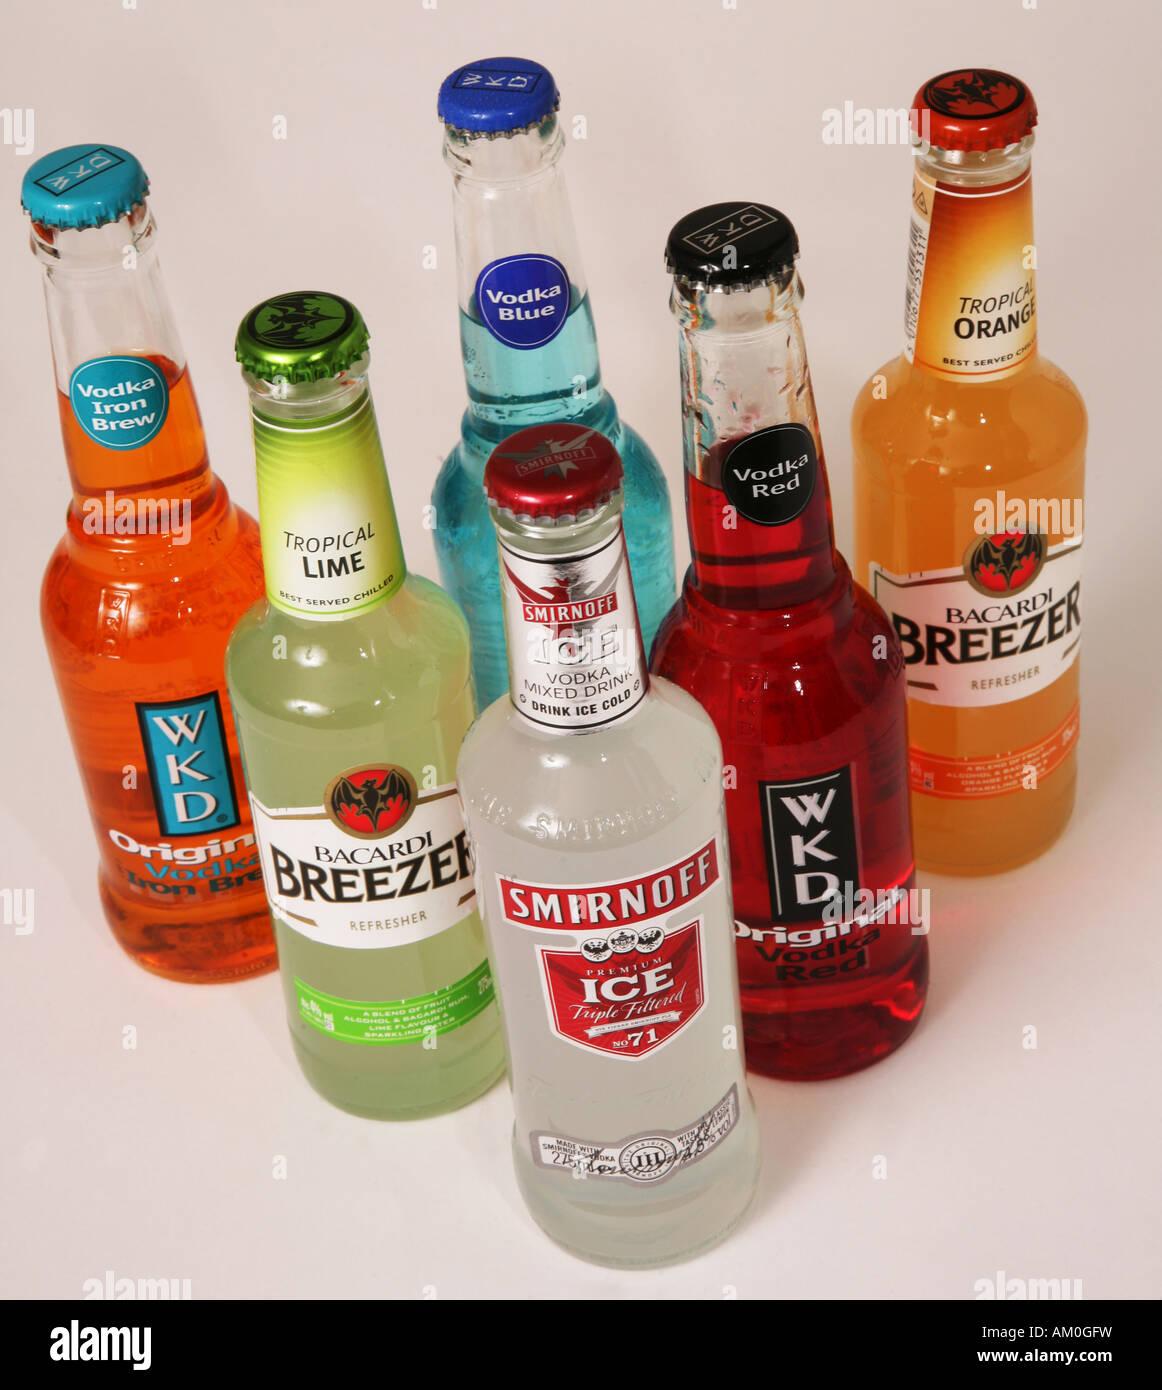 Alkopops Alcopops Smirnoff Ice Wkd Breezer Teen trinken